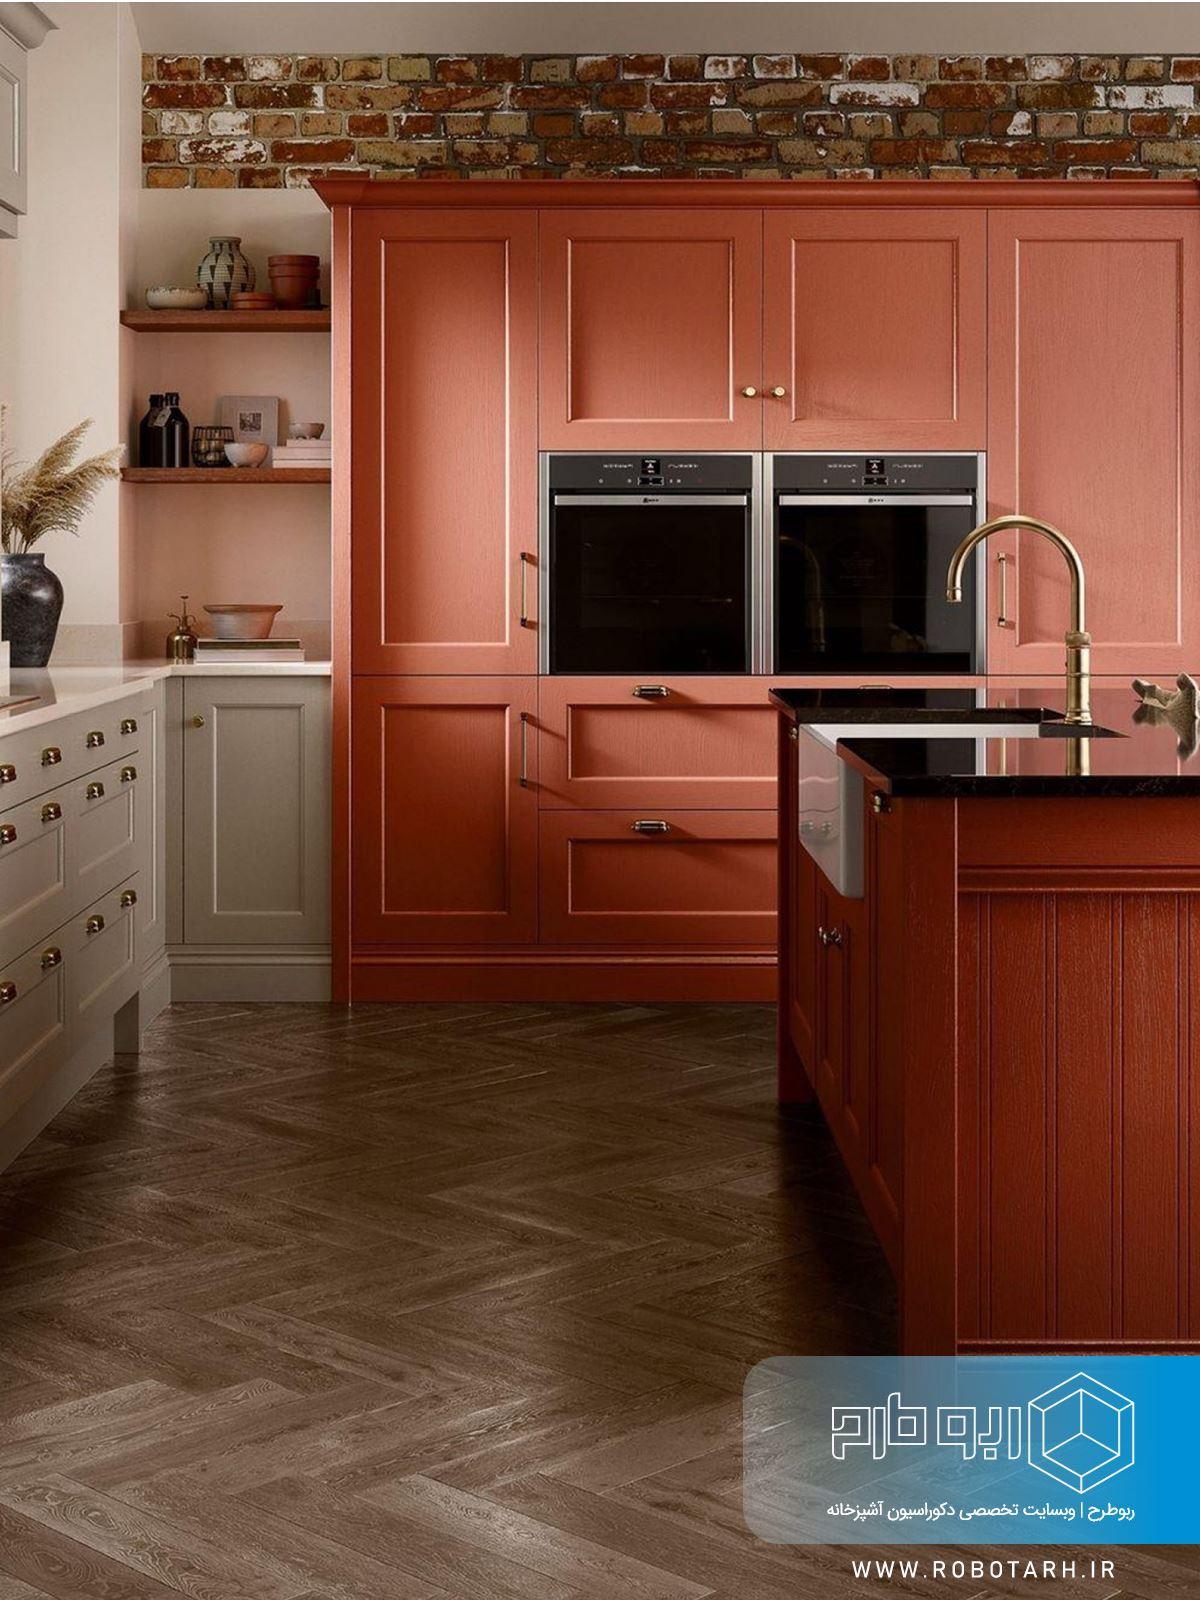 استفاده از رنگ قرمز در آشپزخانه نئوکلاسیک